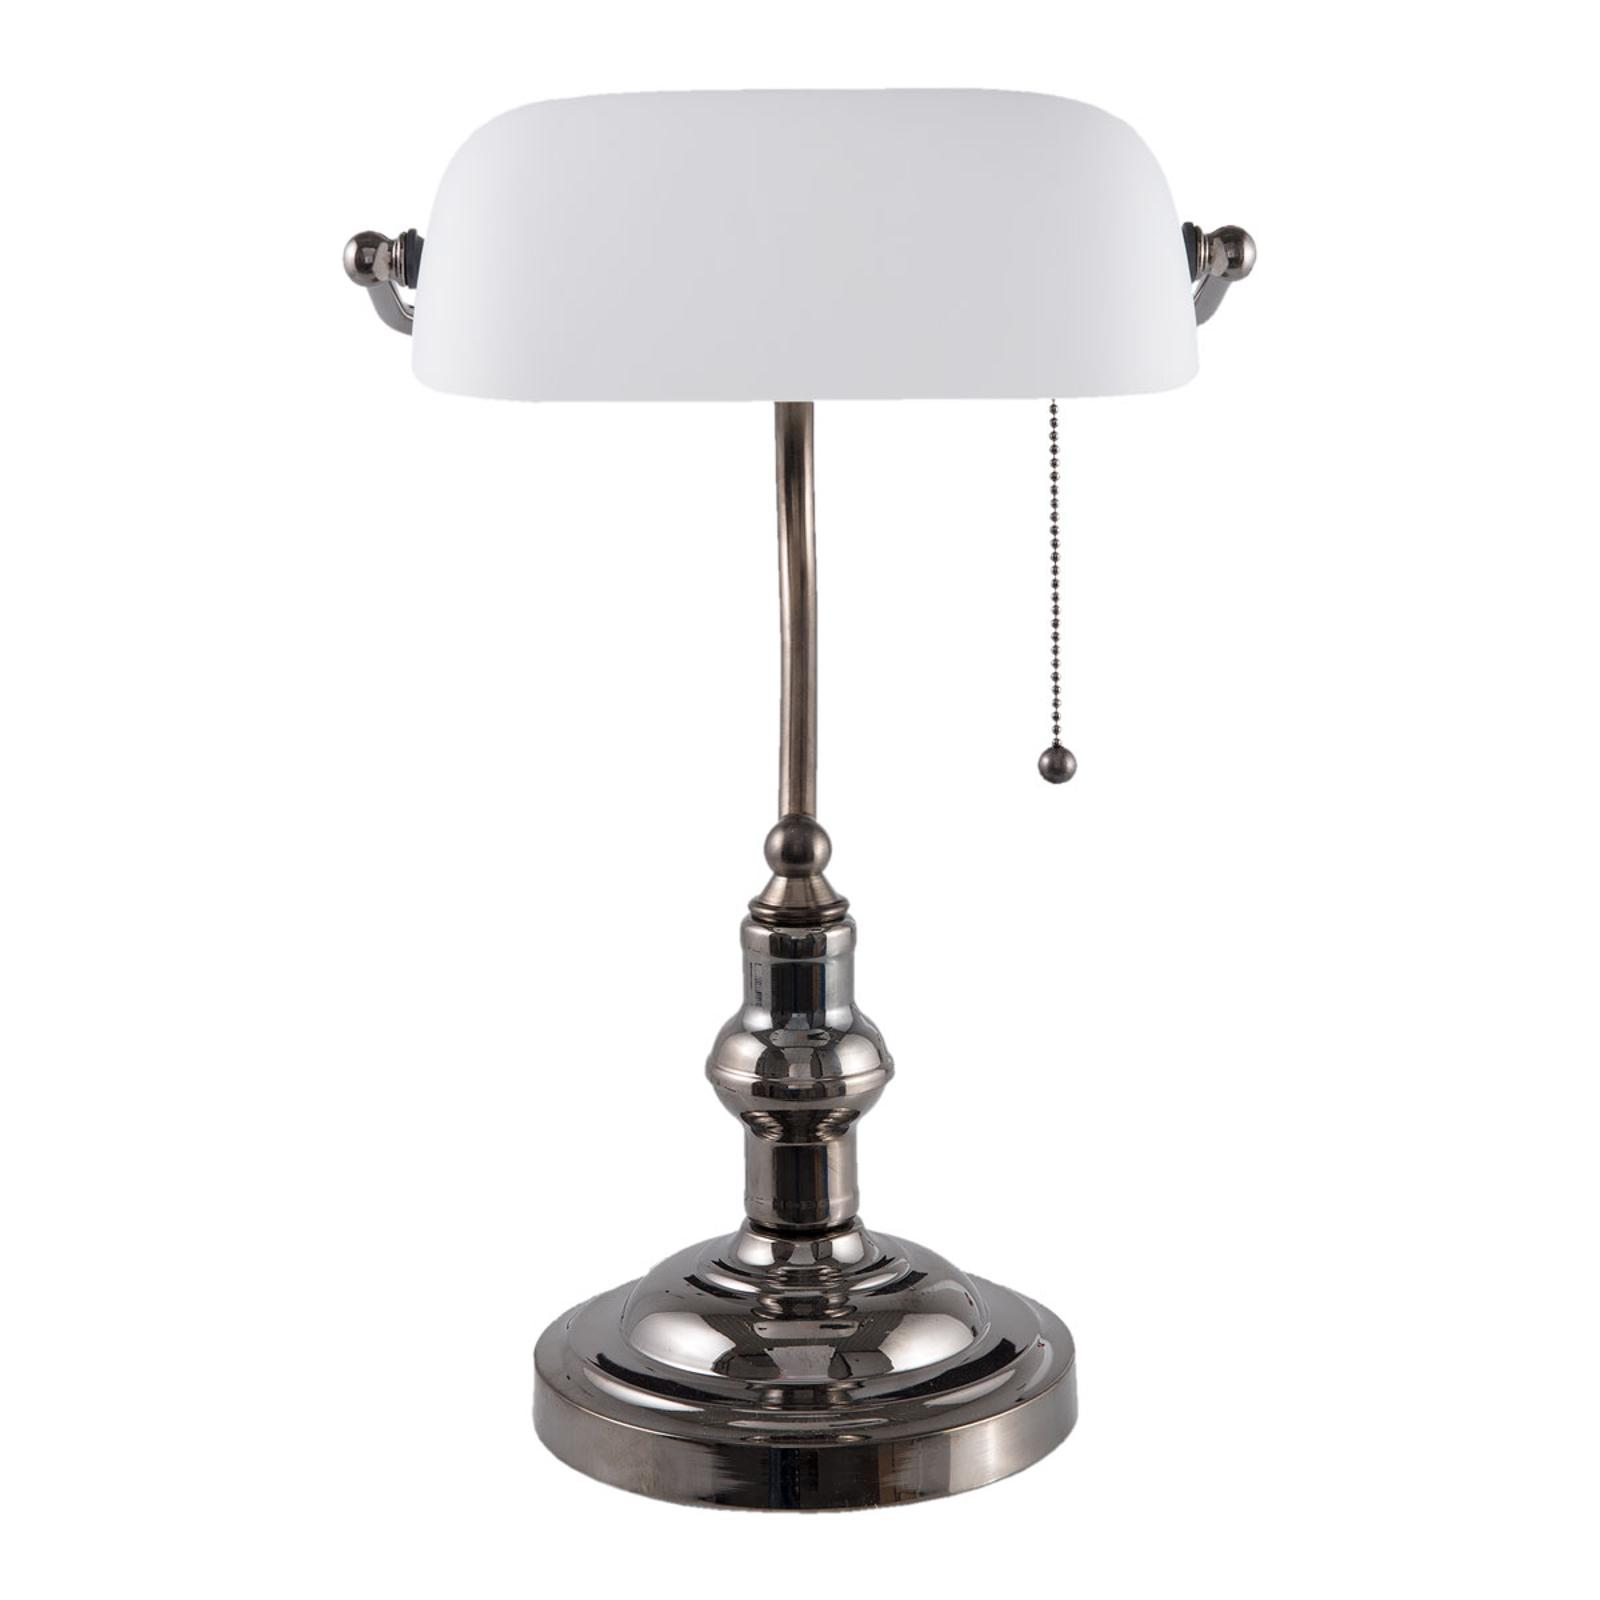 Skrivbordslampa 5100W med vit glasskärm